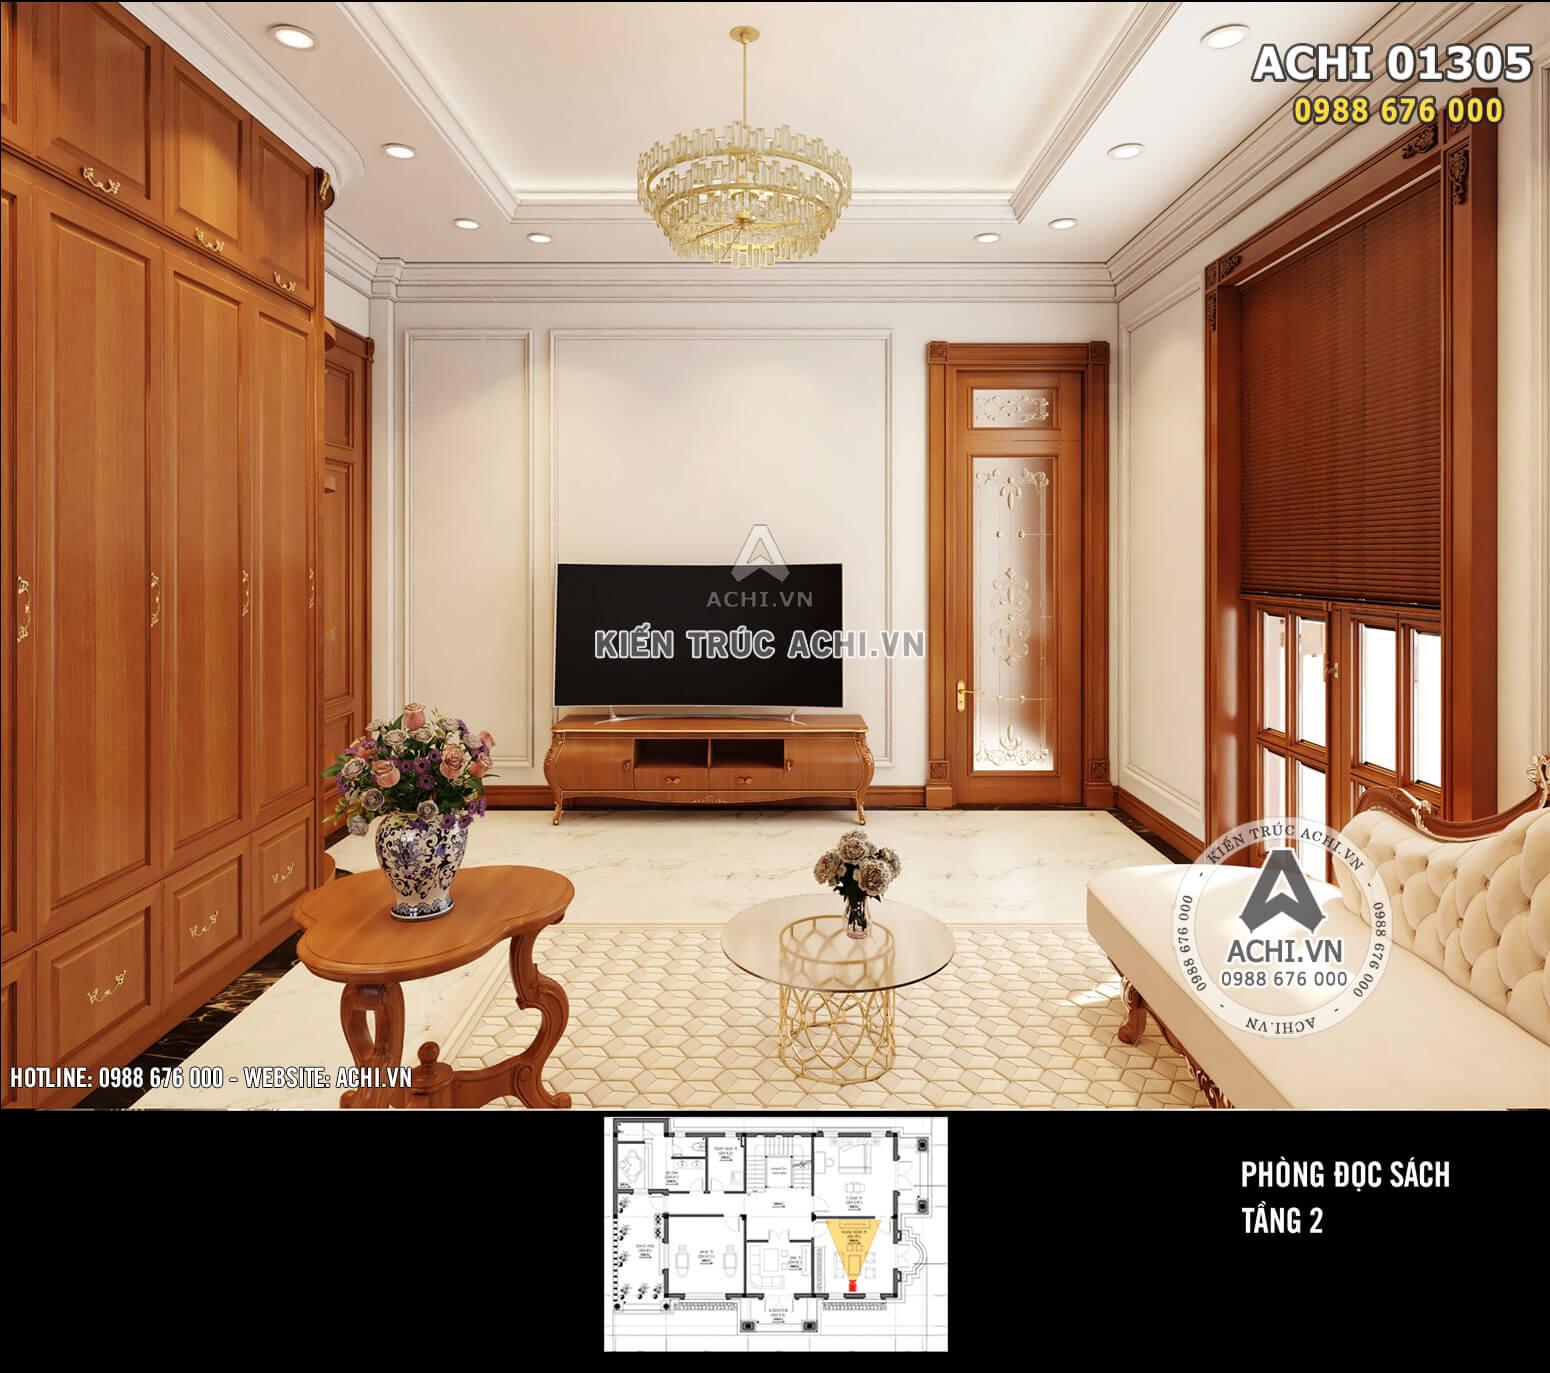 Hệ phào chỉ thạch cao kết hợp với đồ nội thất gỗ giúp không gian phòng thoáng đãng